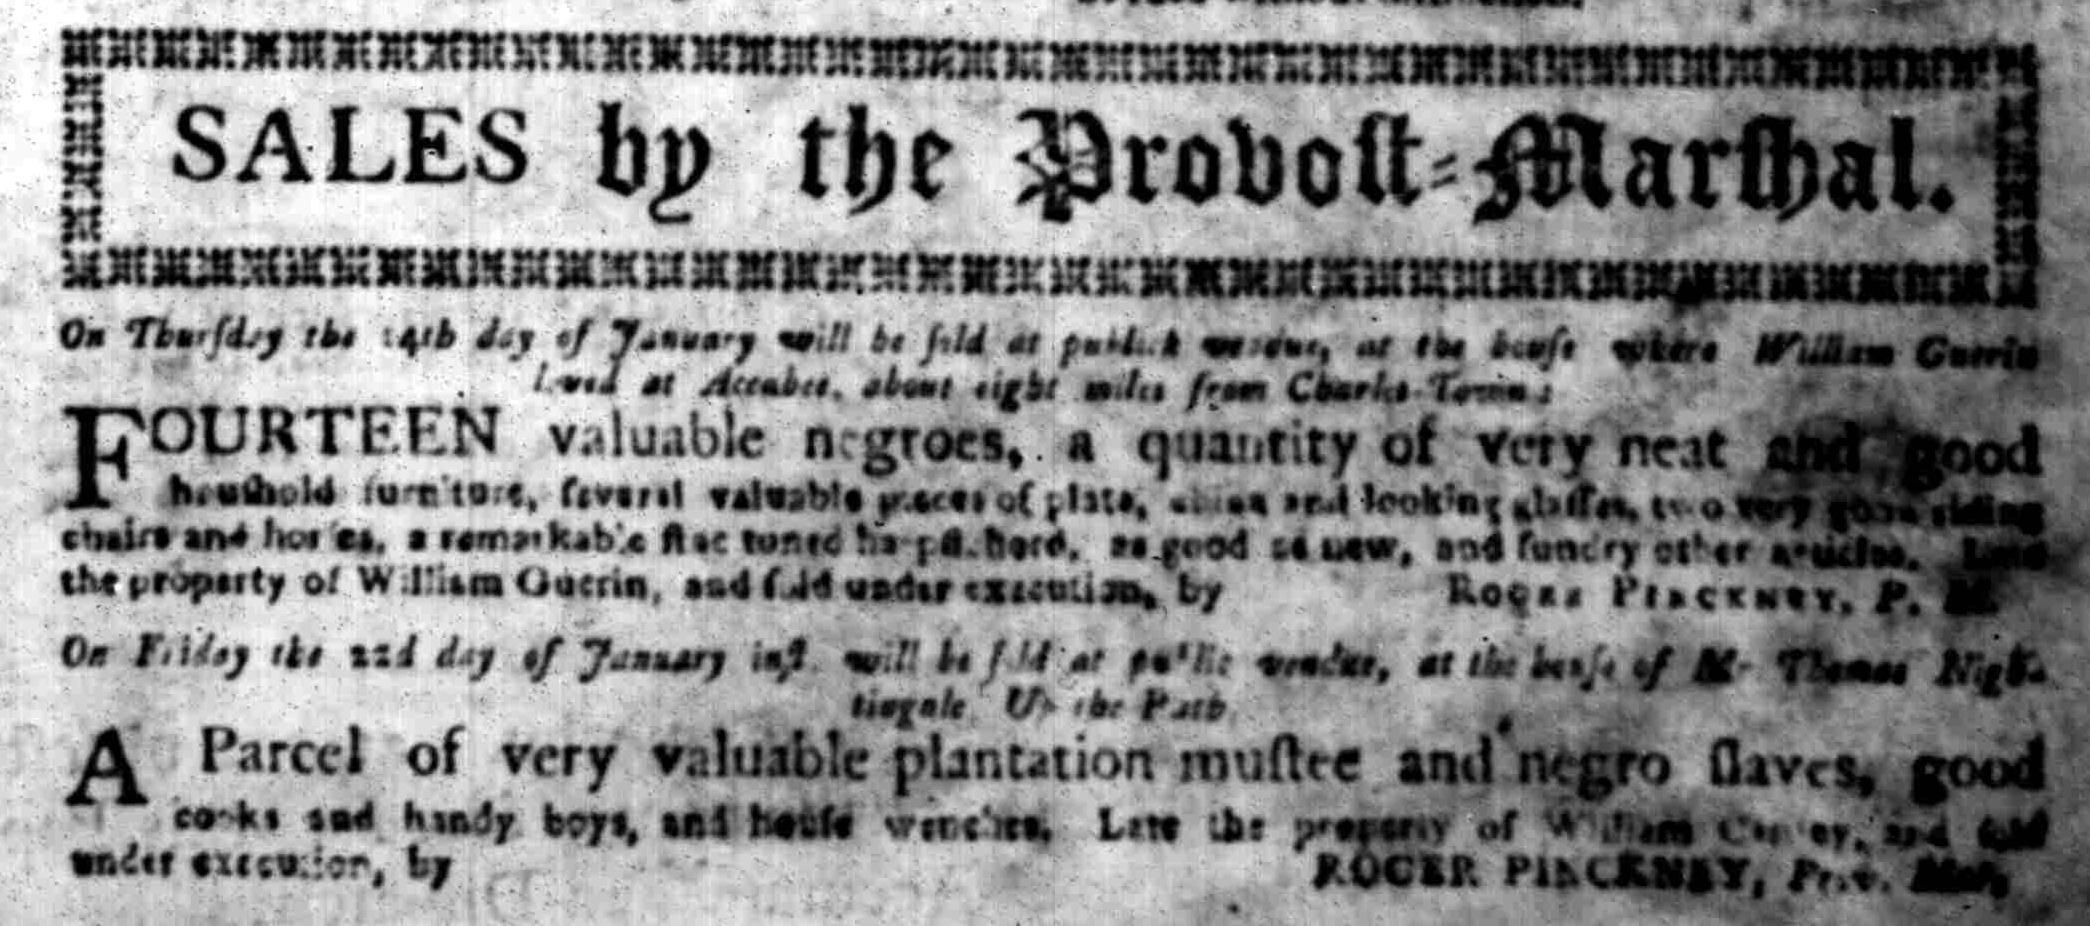 Jan 11 - South Carolina Gazette Slavery 2